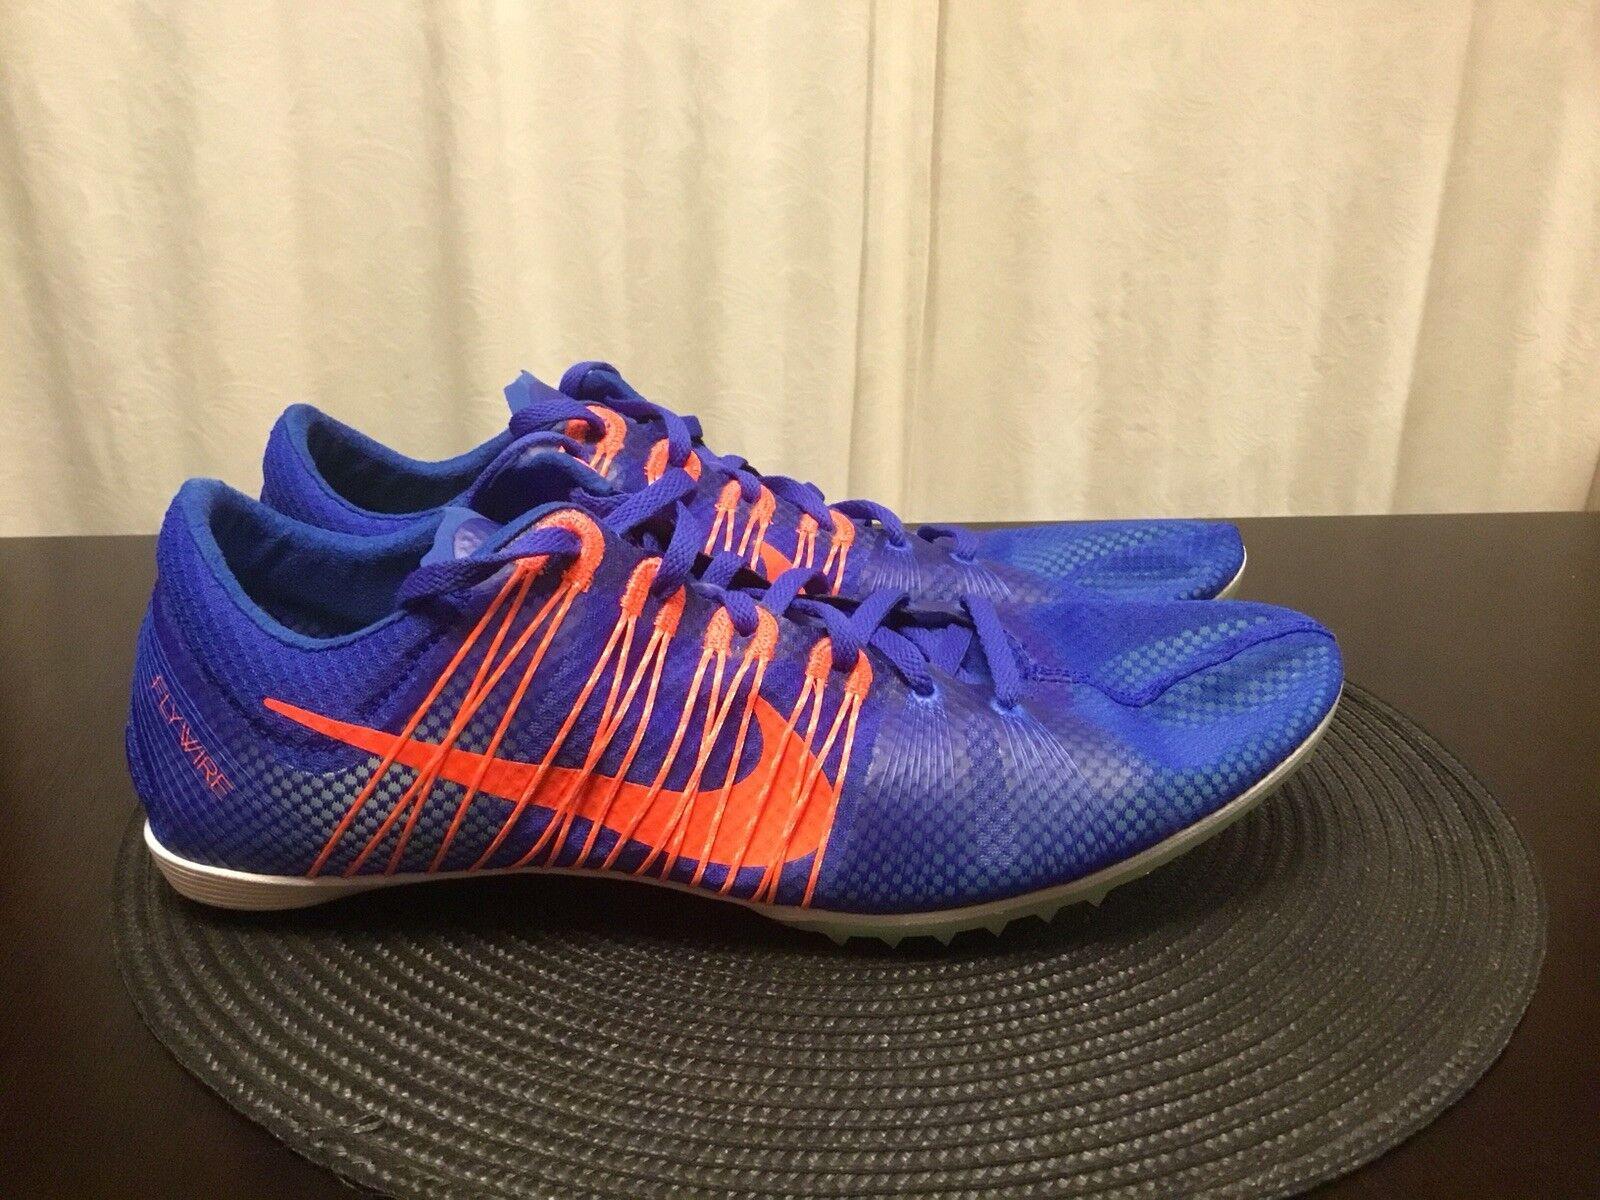 pretty nice 57102 87bd0 Nike Zoom Victory zapatos 2 picos de Flywire hombres zapatos Victory de la  pista 555365 487 nosotros 13 de nuevo el mas popular de zapatos para hombres  y ...